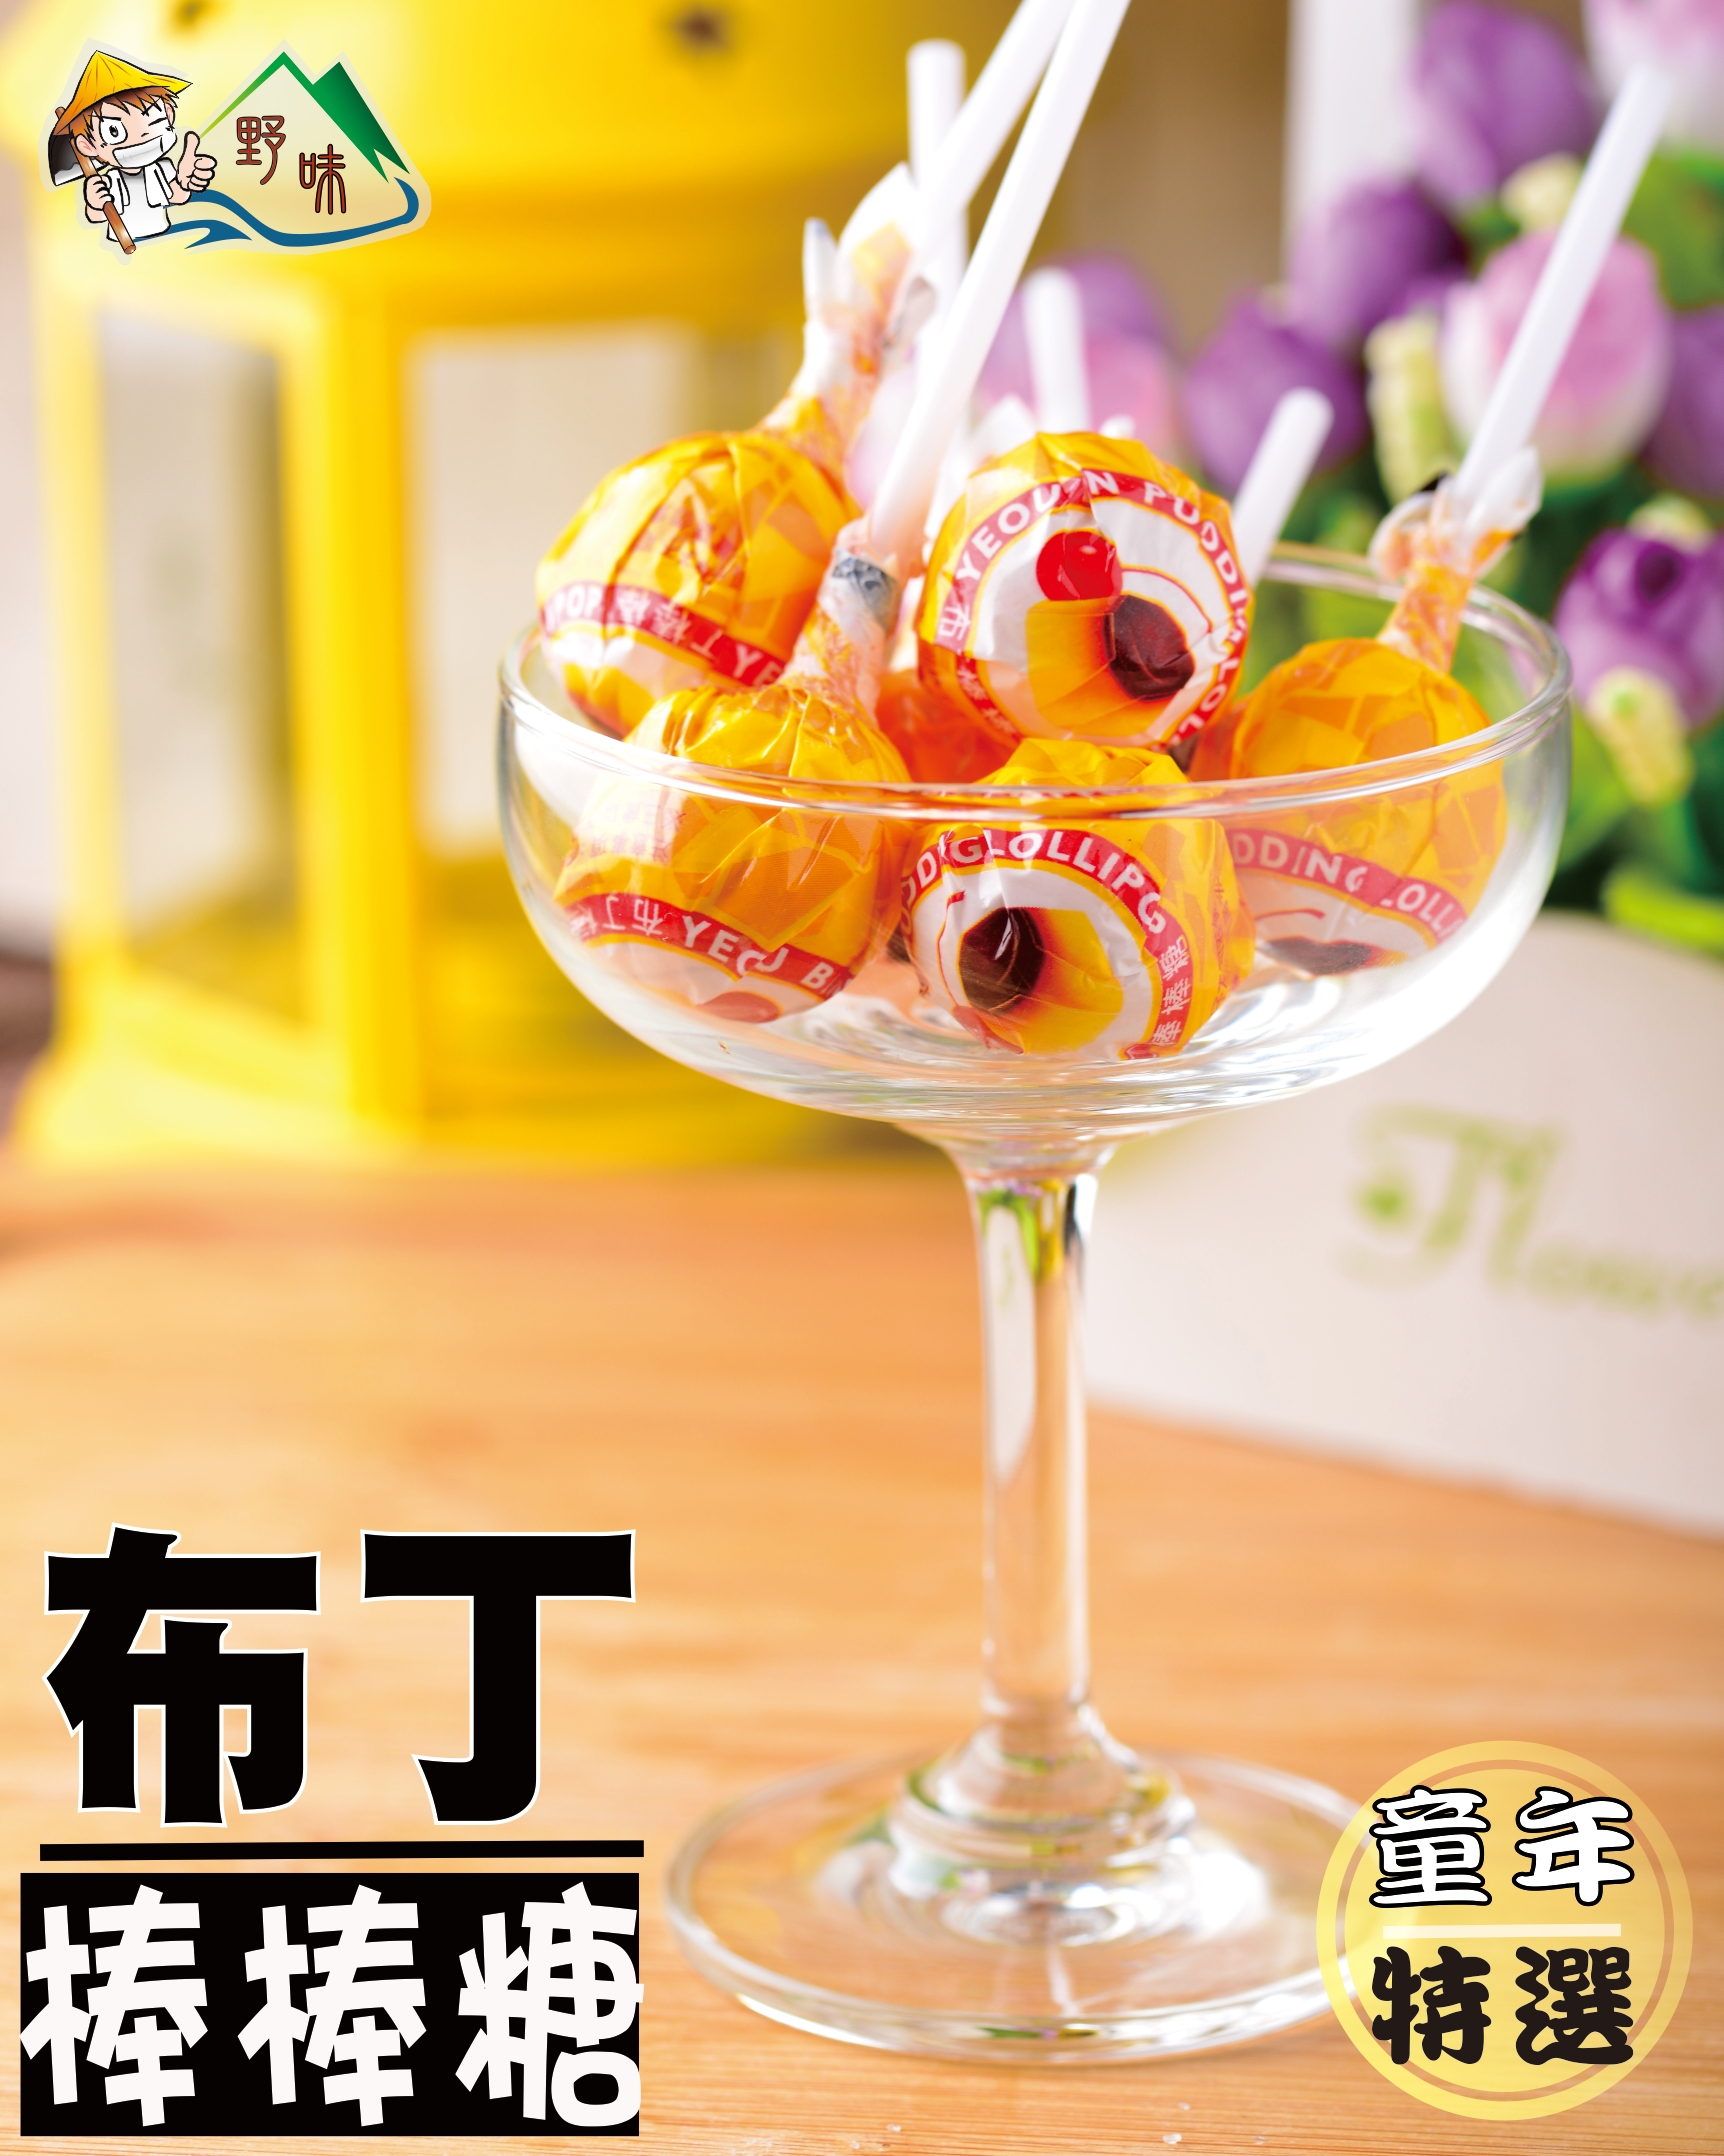 【野味食品】友賓 布丁棒棒糖225g/包,630g/包,3000g/包(桃園實體店面出貨)